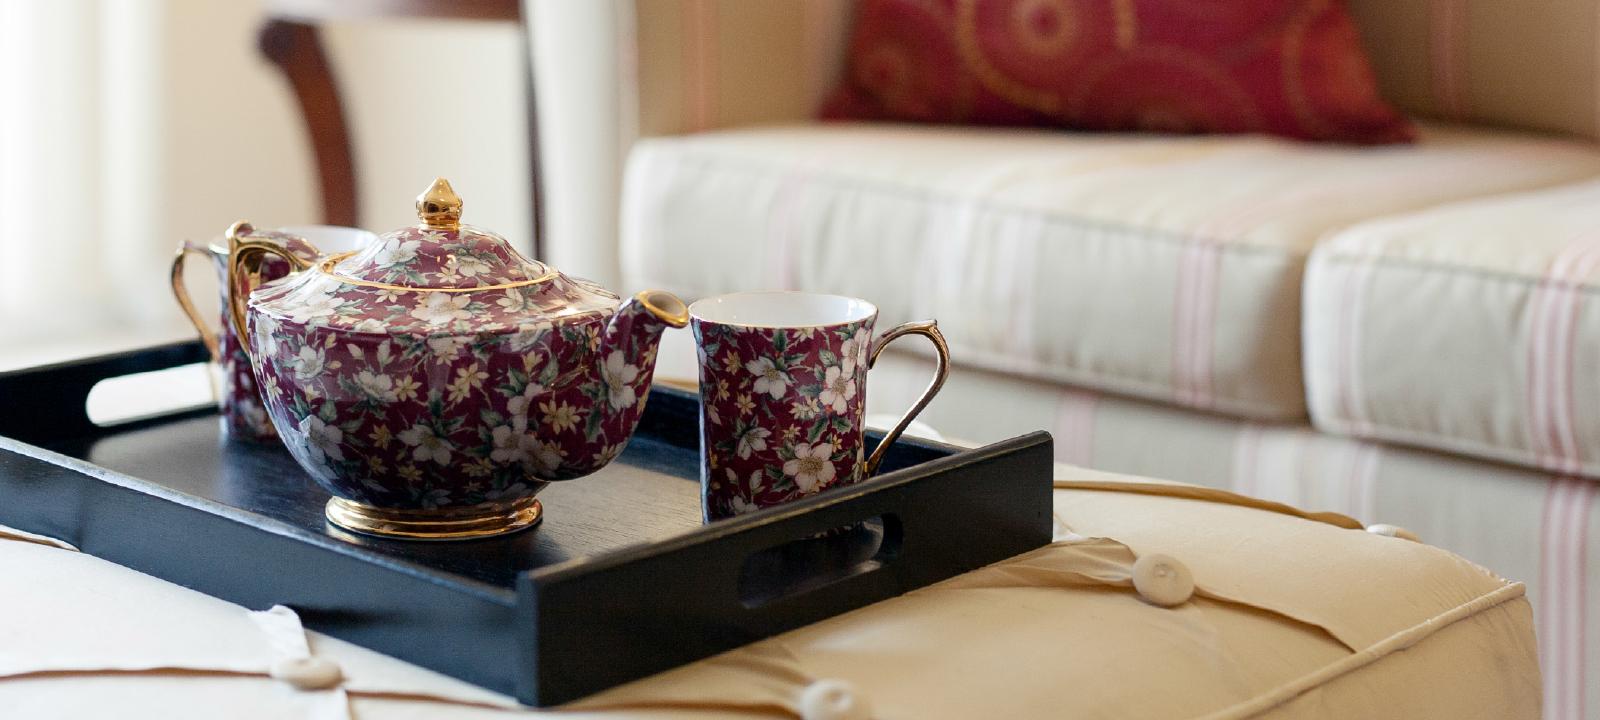 Amica City Centre senior living residence tea pot set.